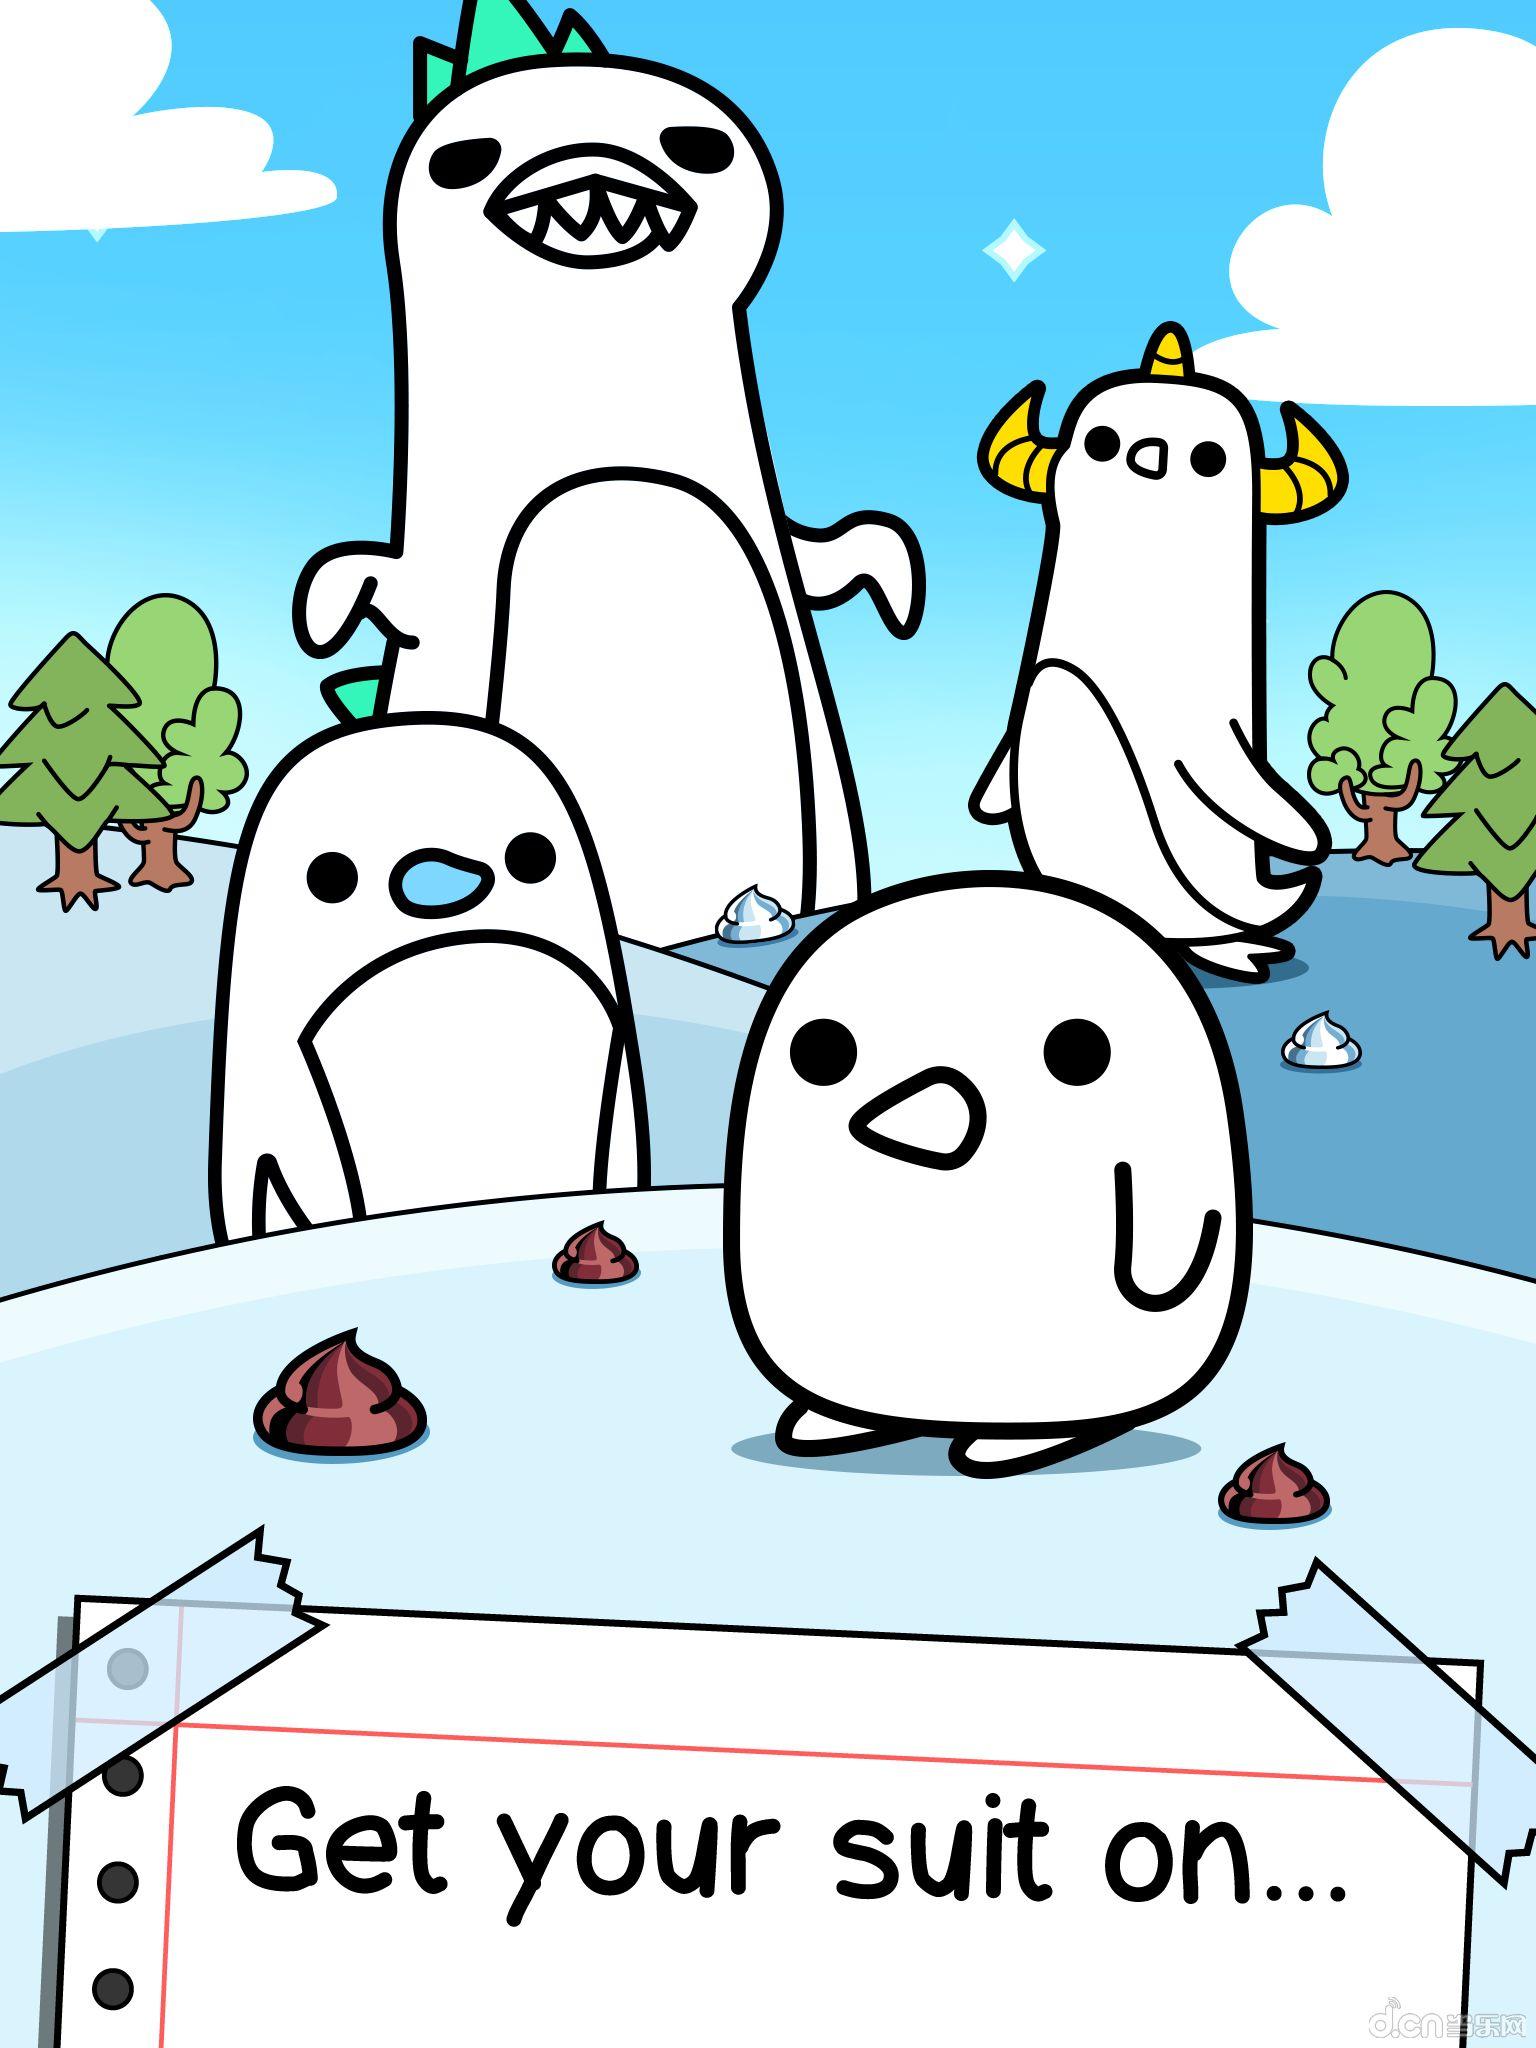 他们就是可爱萌萌的企鹅.